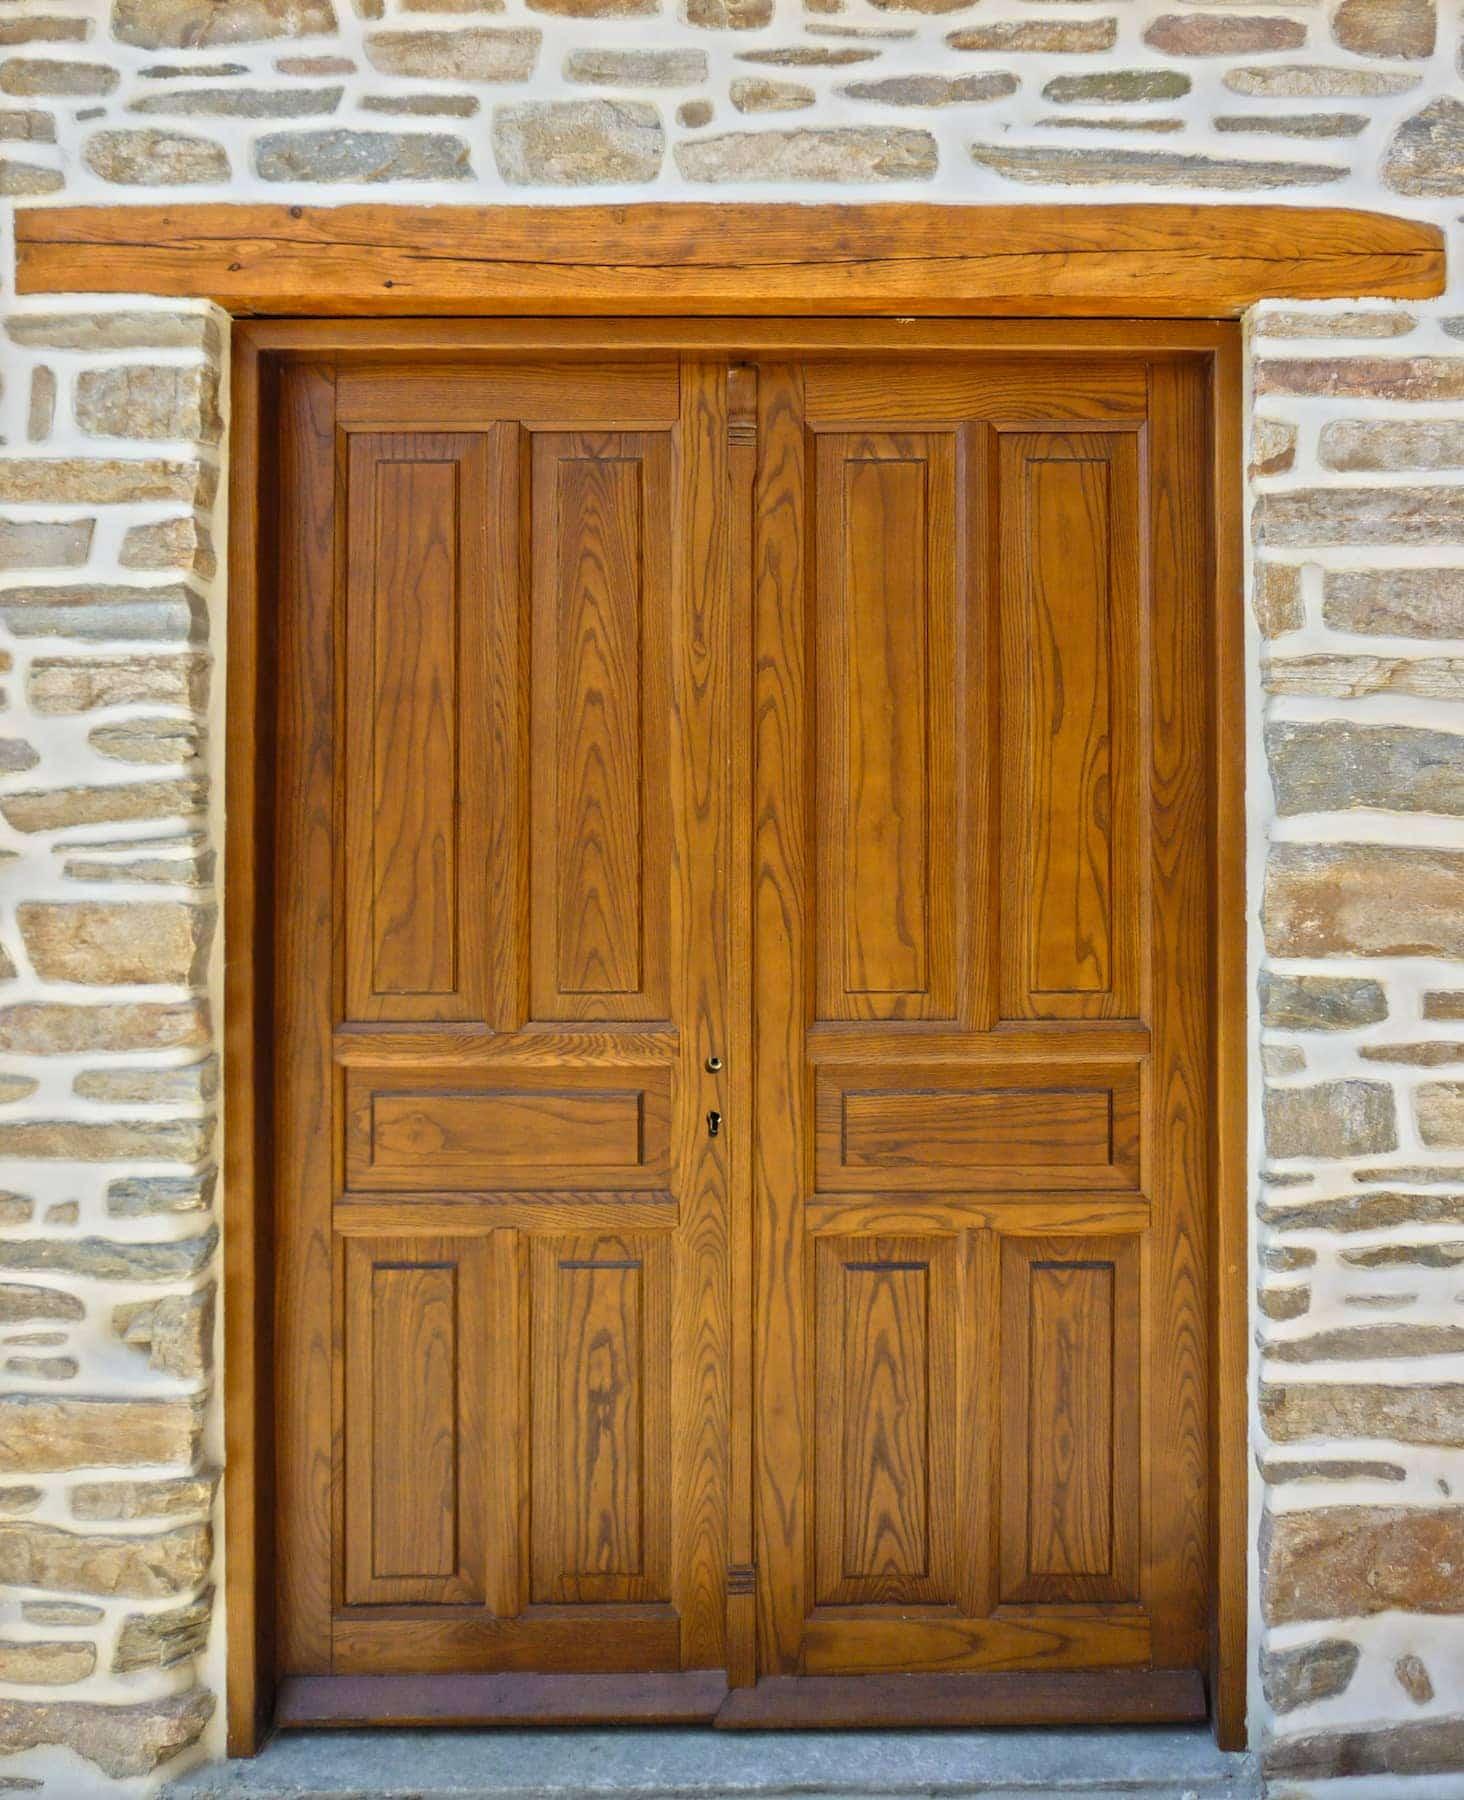 ταμπλαδωτή ξύλινη εξωτερική πόρτα